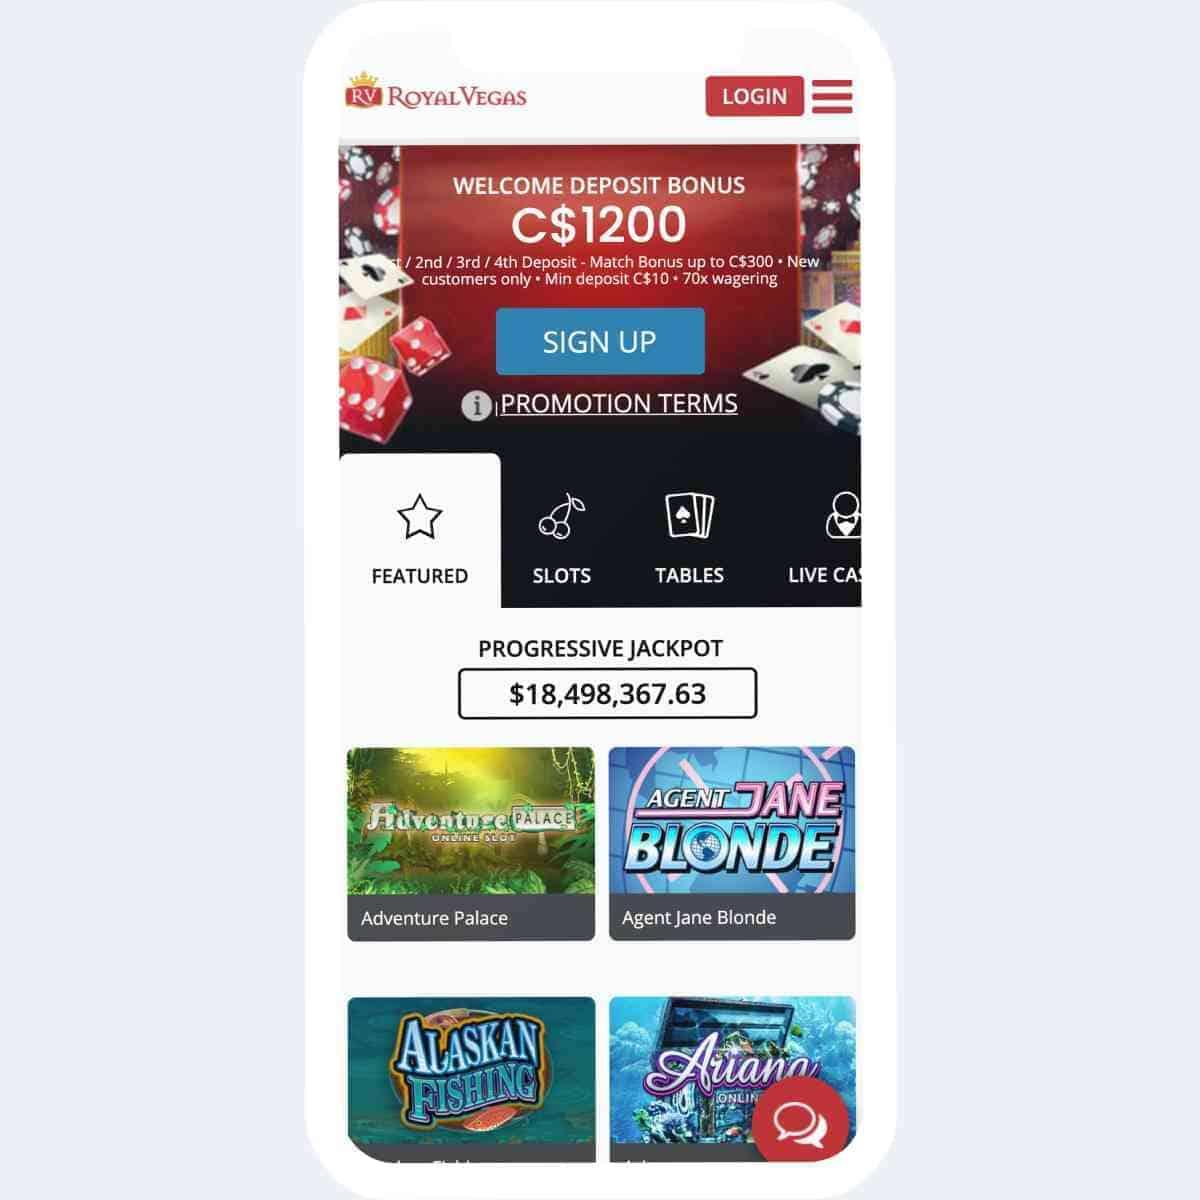 royal vegas homepage mobile